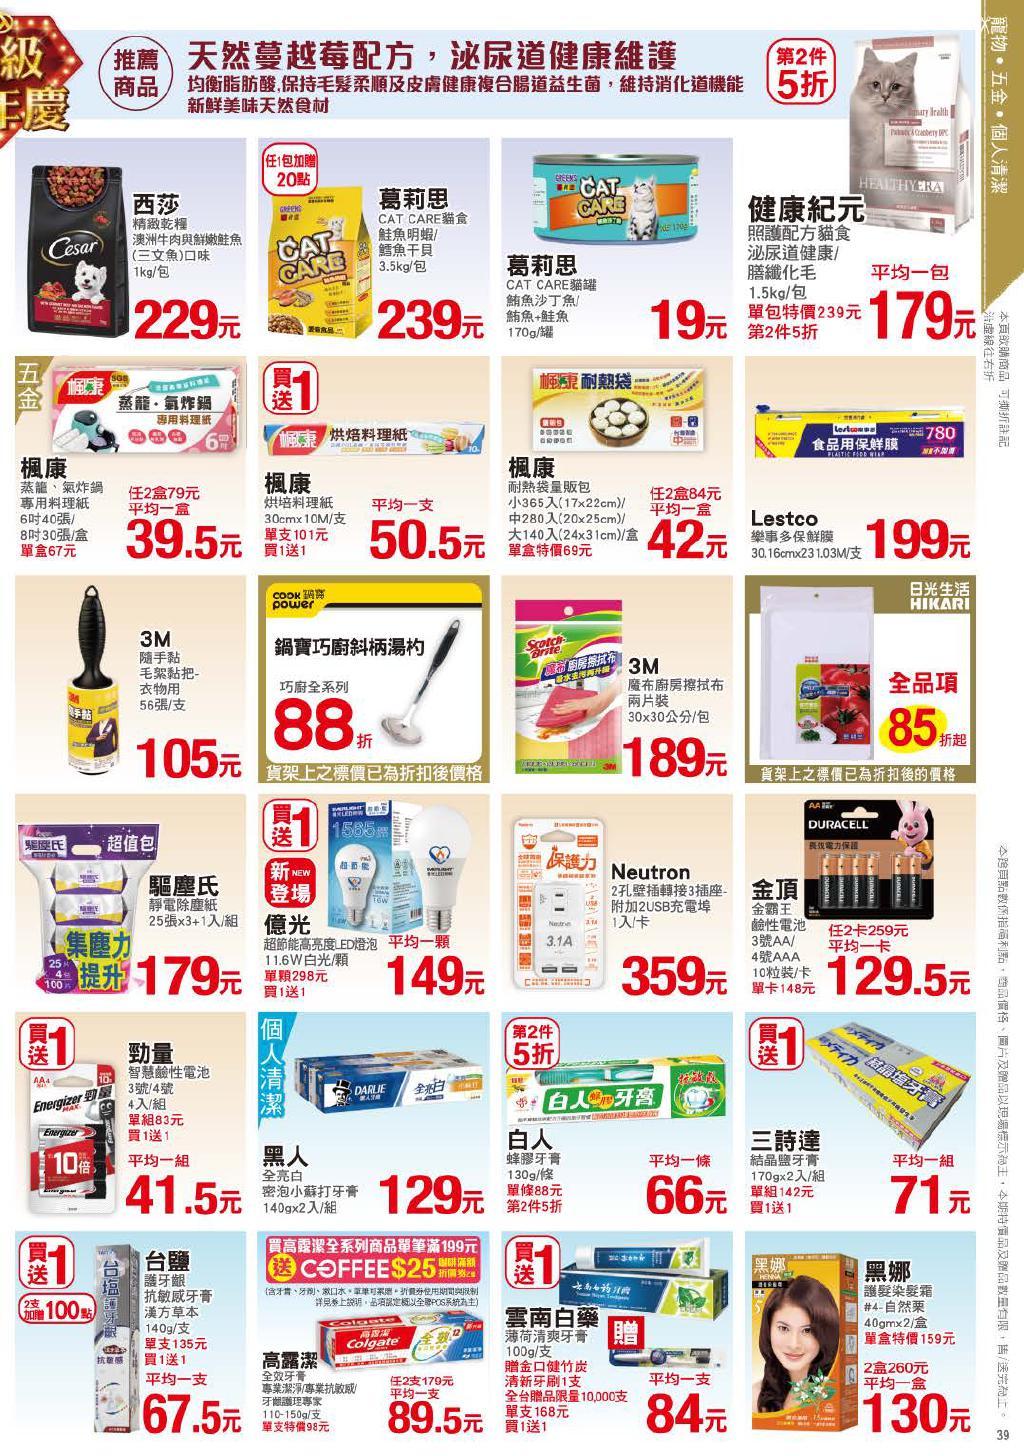 pxmart20201119_000039.jpg